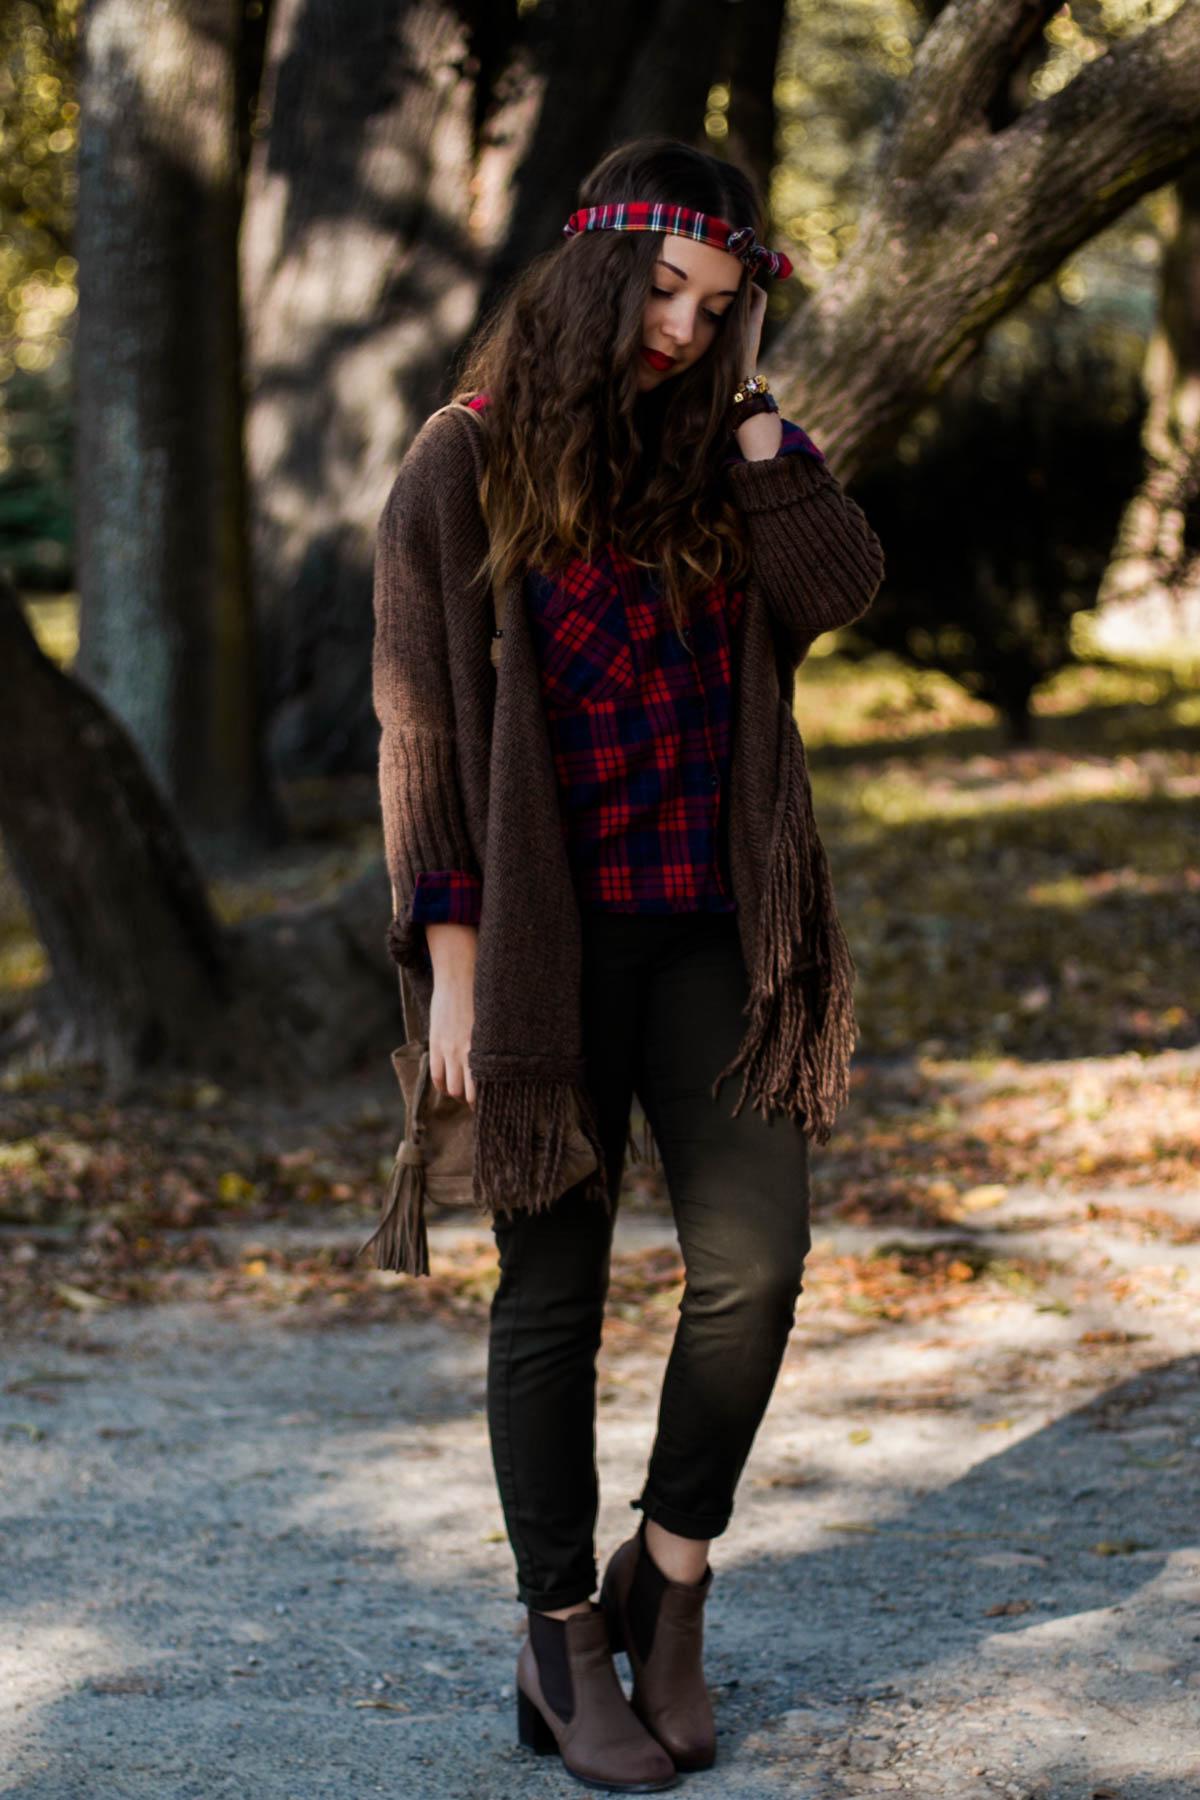 jesienna stylizacja z koszulą w kratę